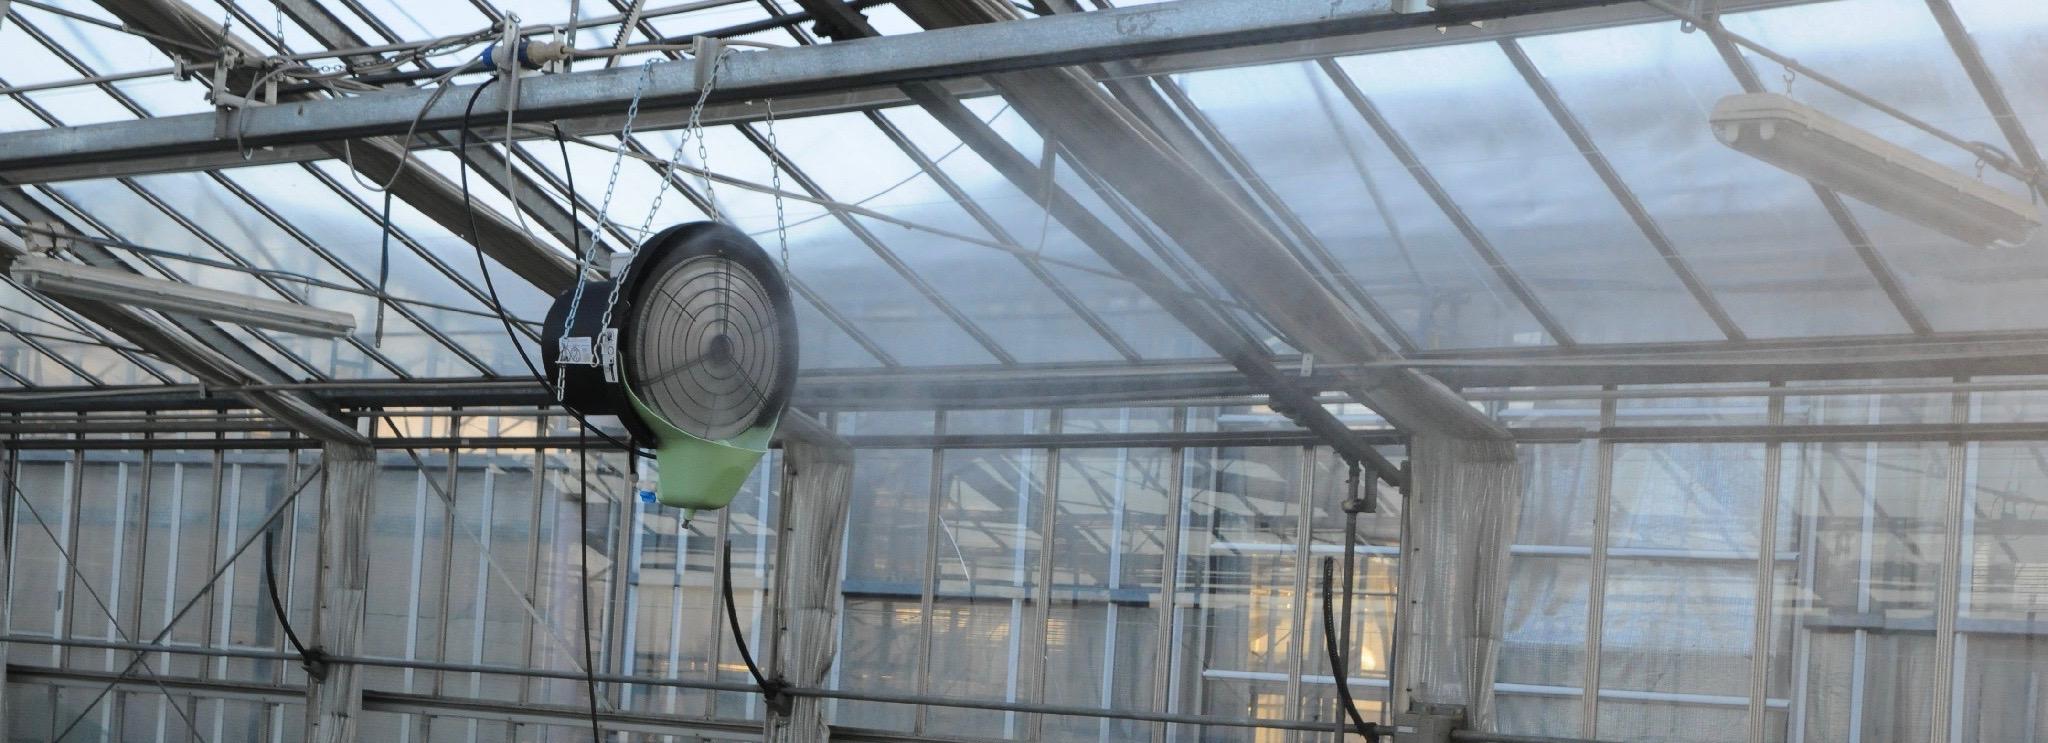 FS - fan propelled humidifier/cooler